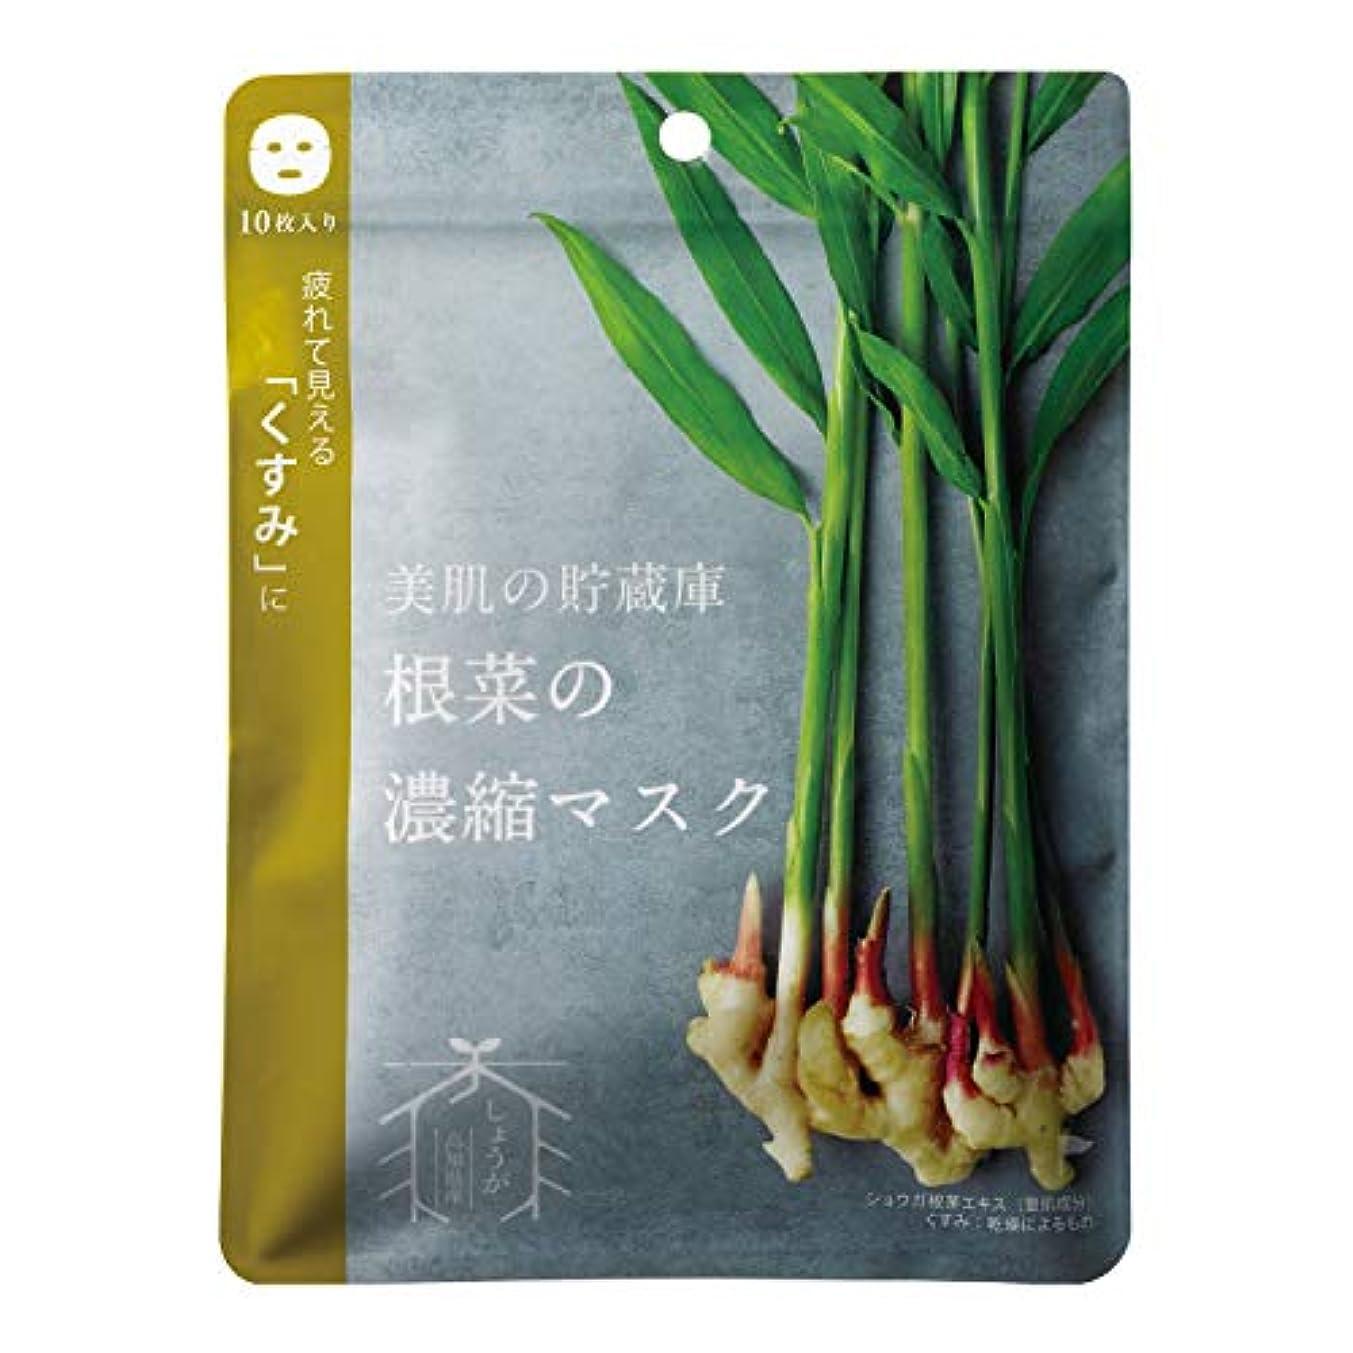 プラットフォーム作曲家前提条件@cosme nippon 美肌の貯蔵庫 根菜の濃縮マスク 土佐一しょうが 10枚 160ml